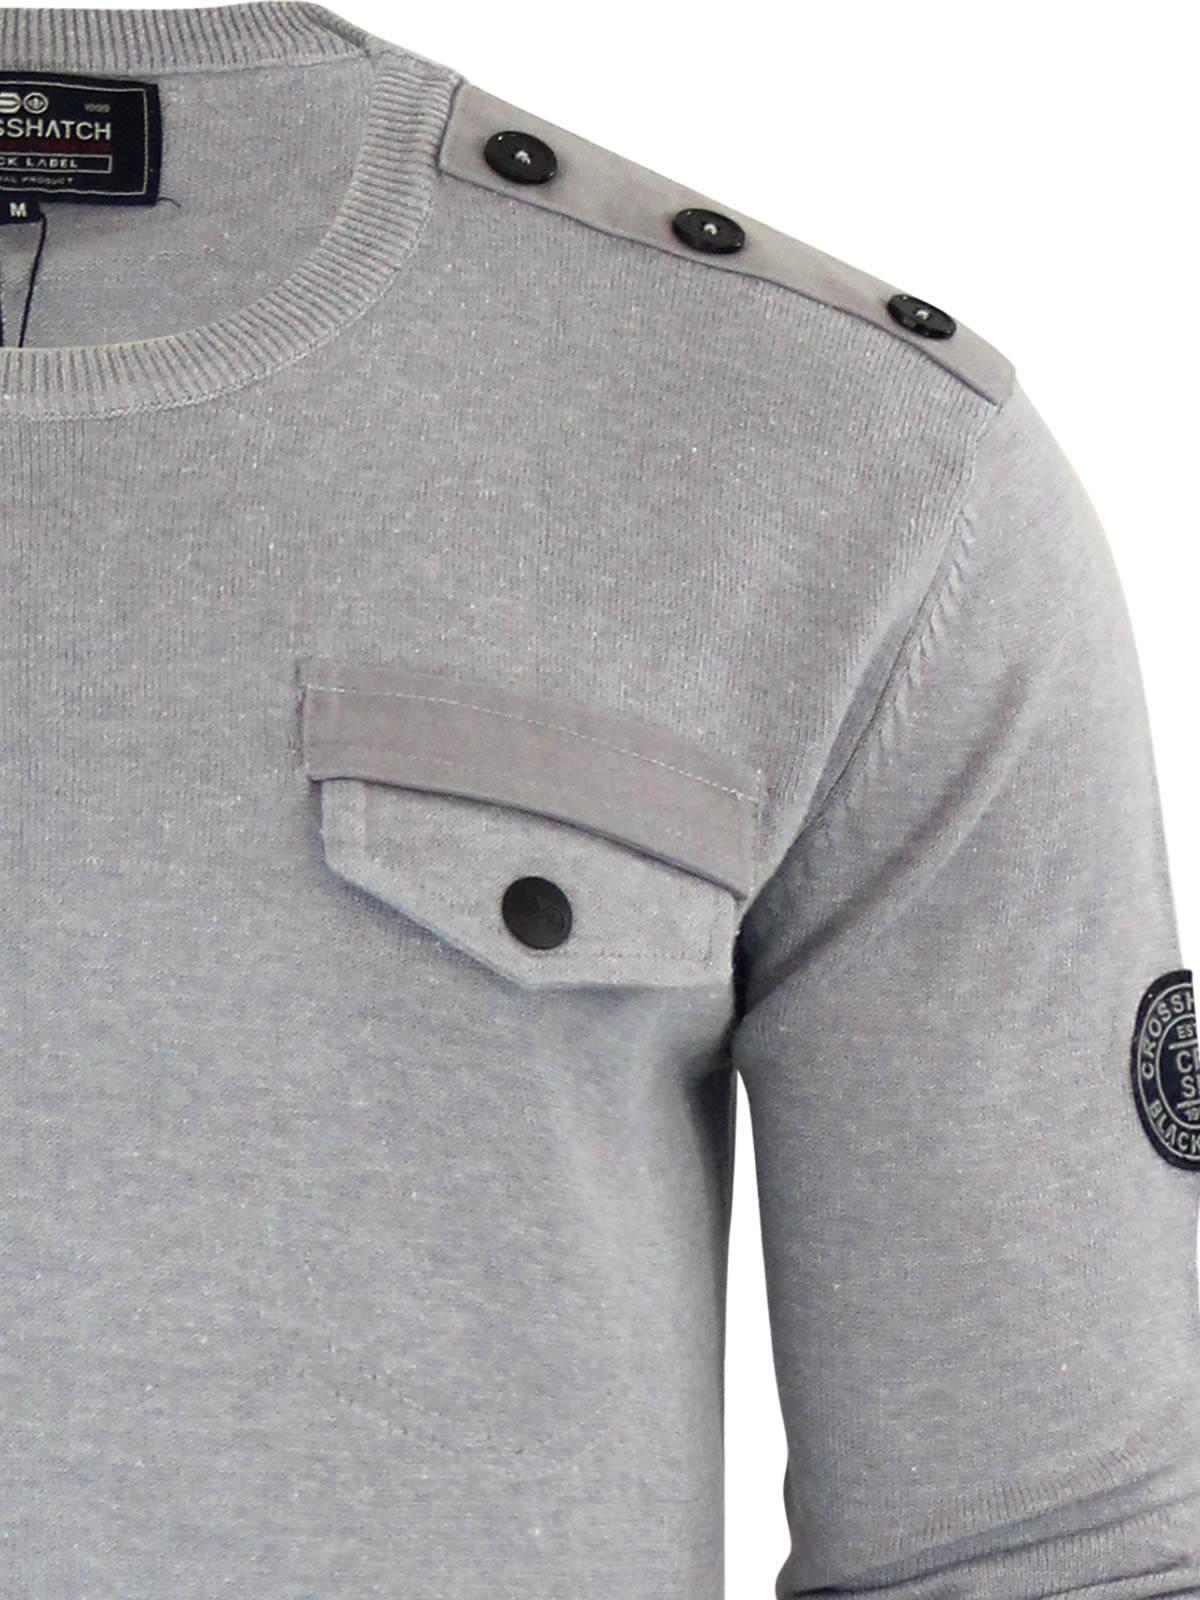 herren-pullover-crosshatch-barrowell-rundhals-strickpullover Indexbild 7